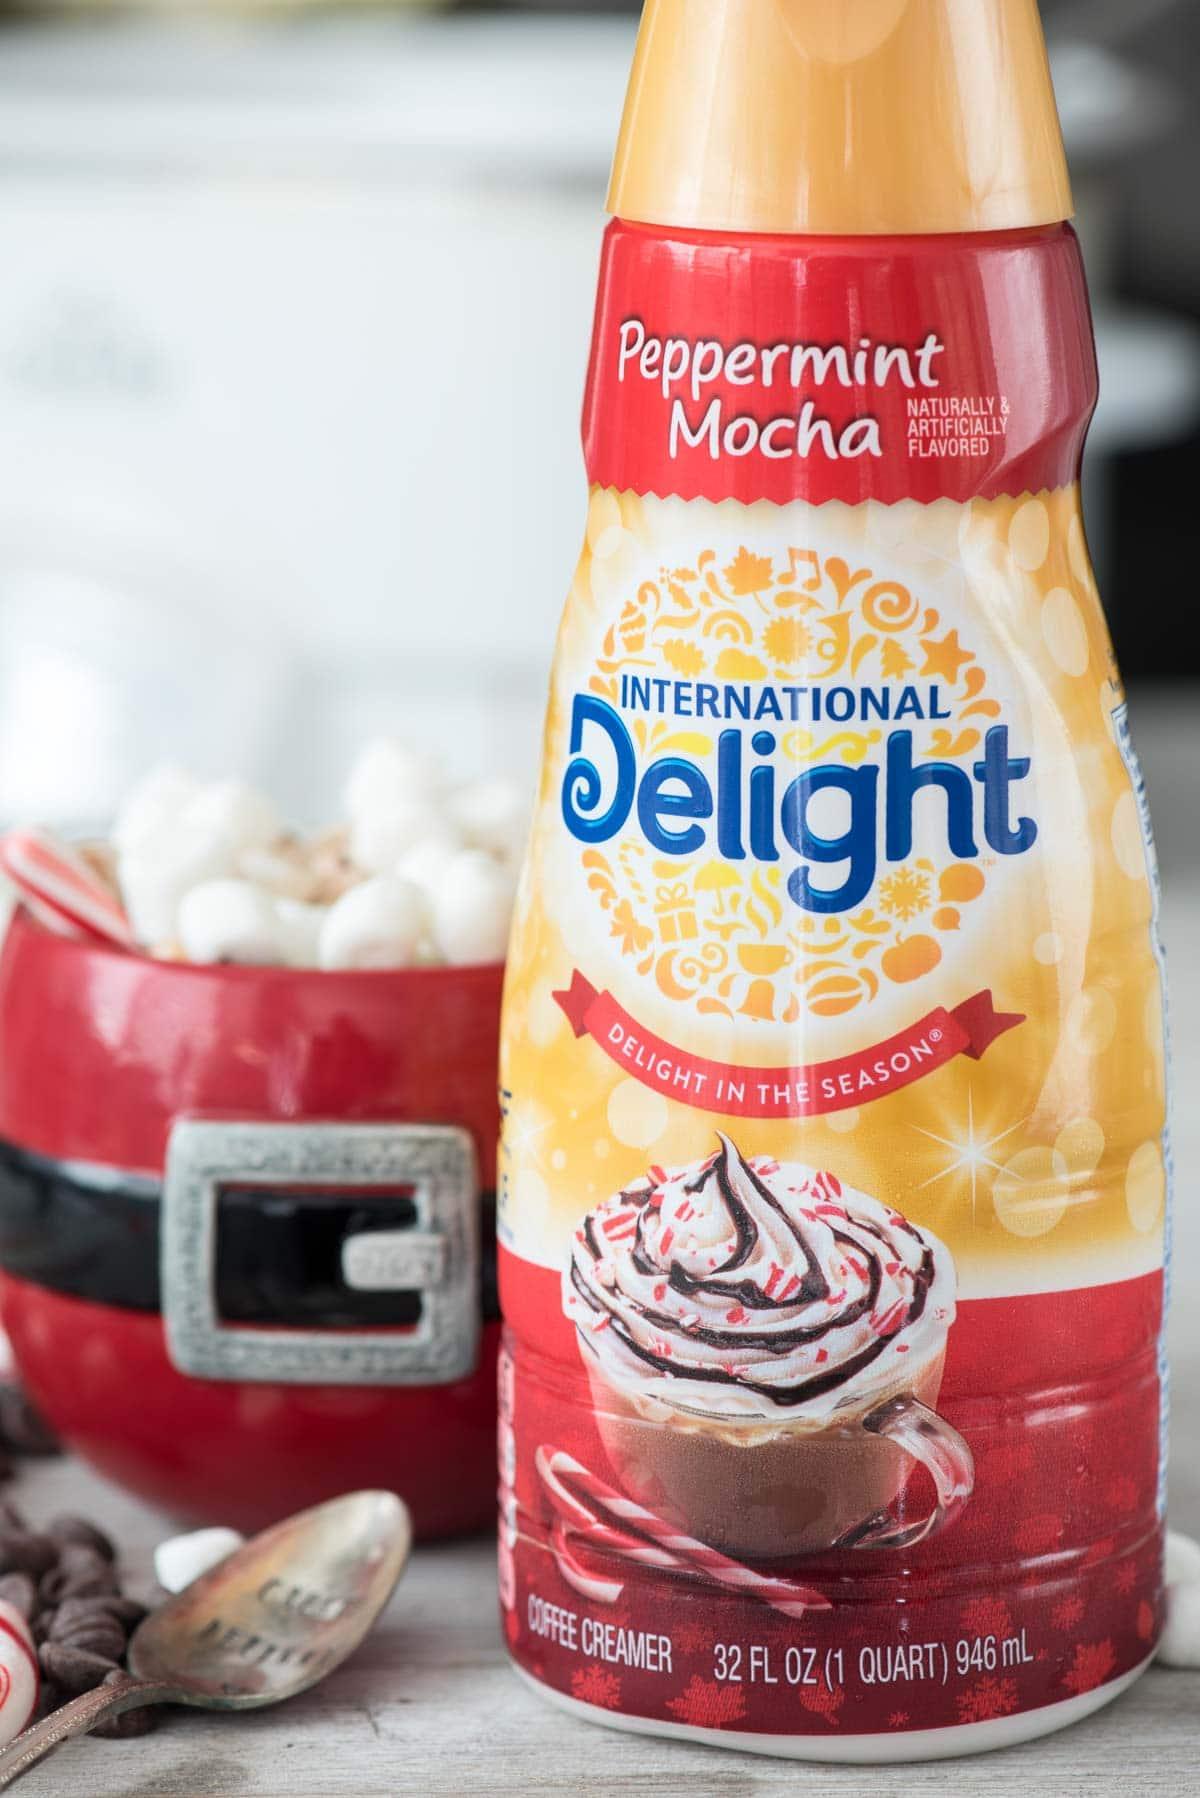 Peppermint Mocha International Delight